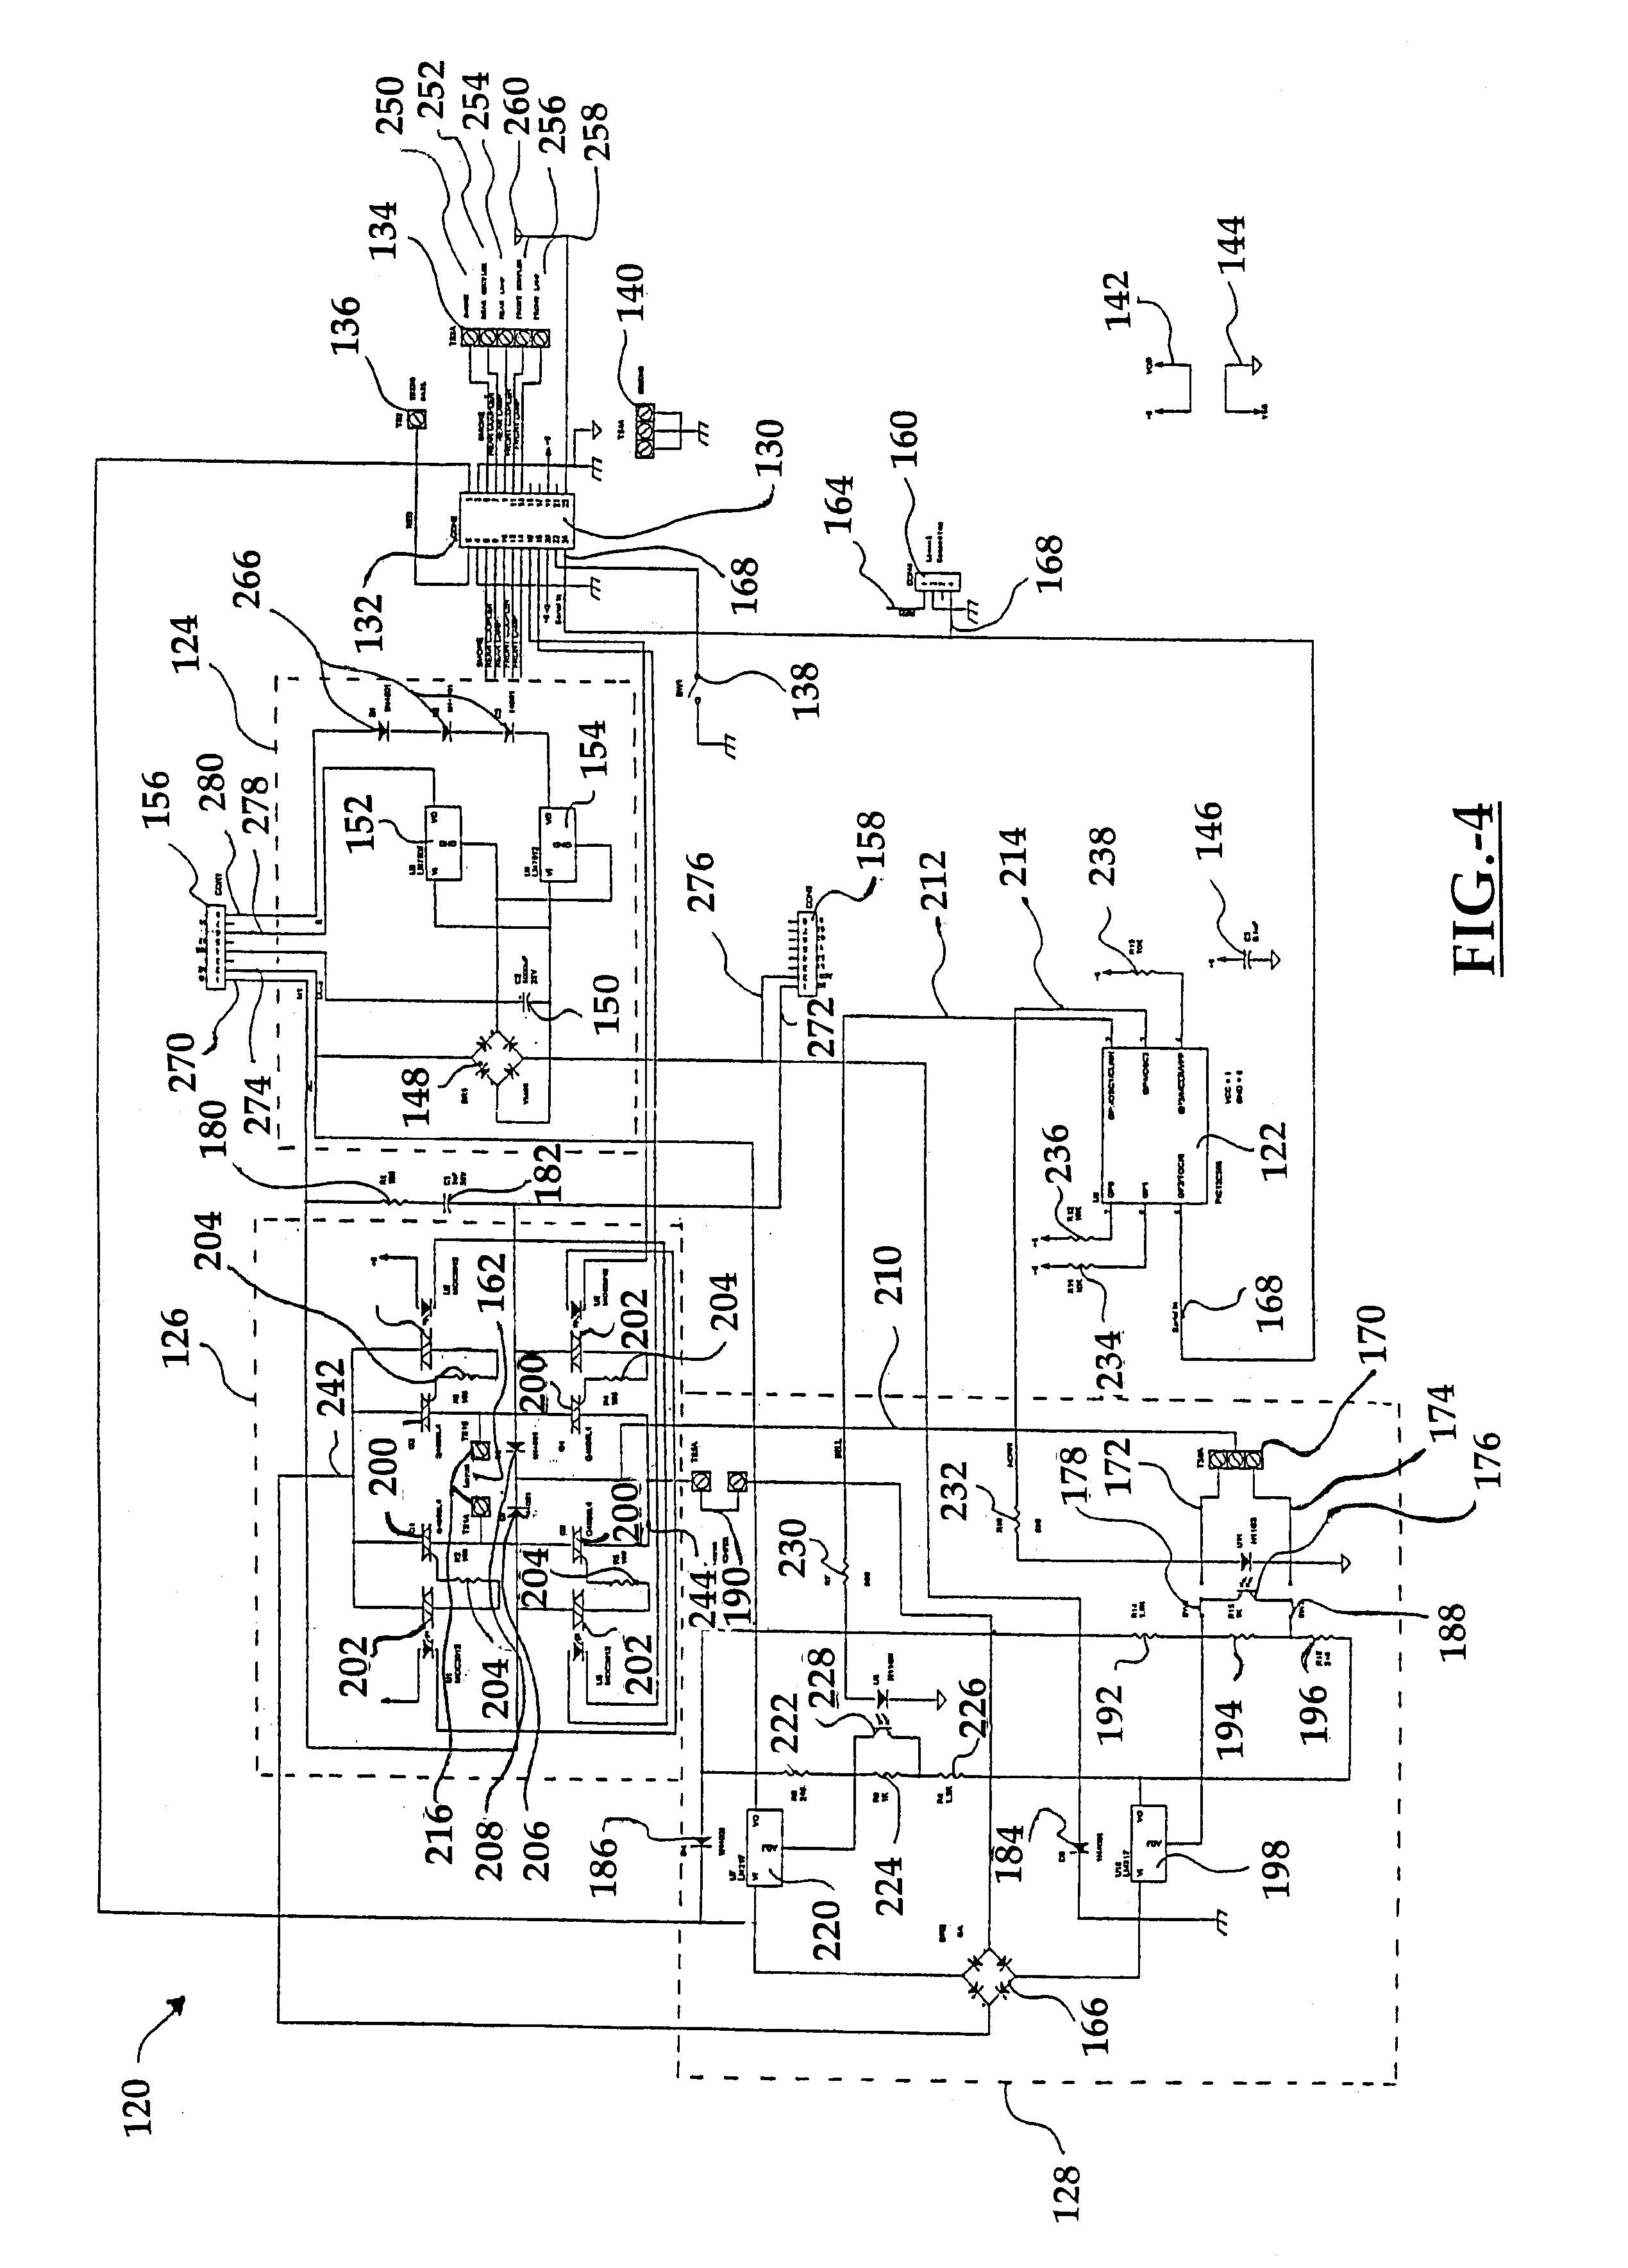 patent us6616505